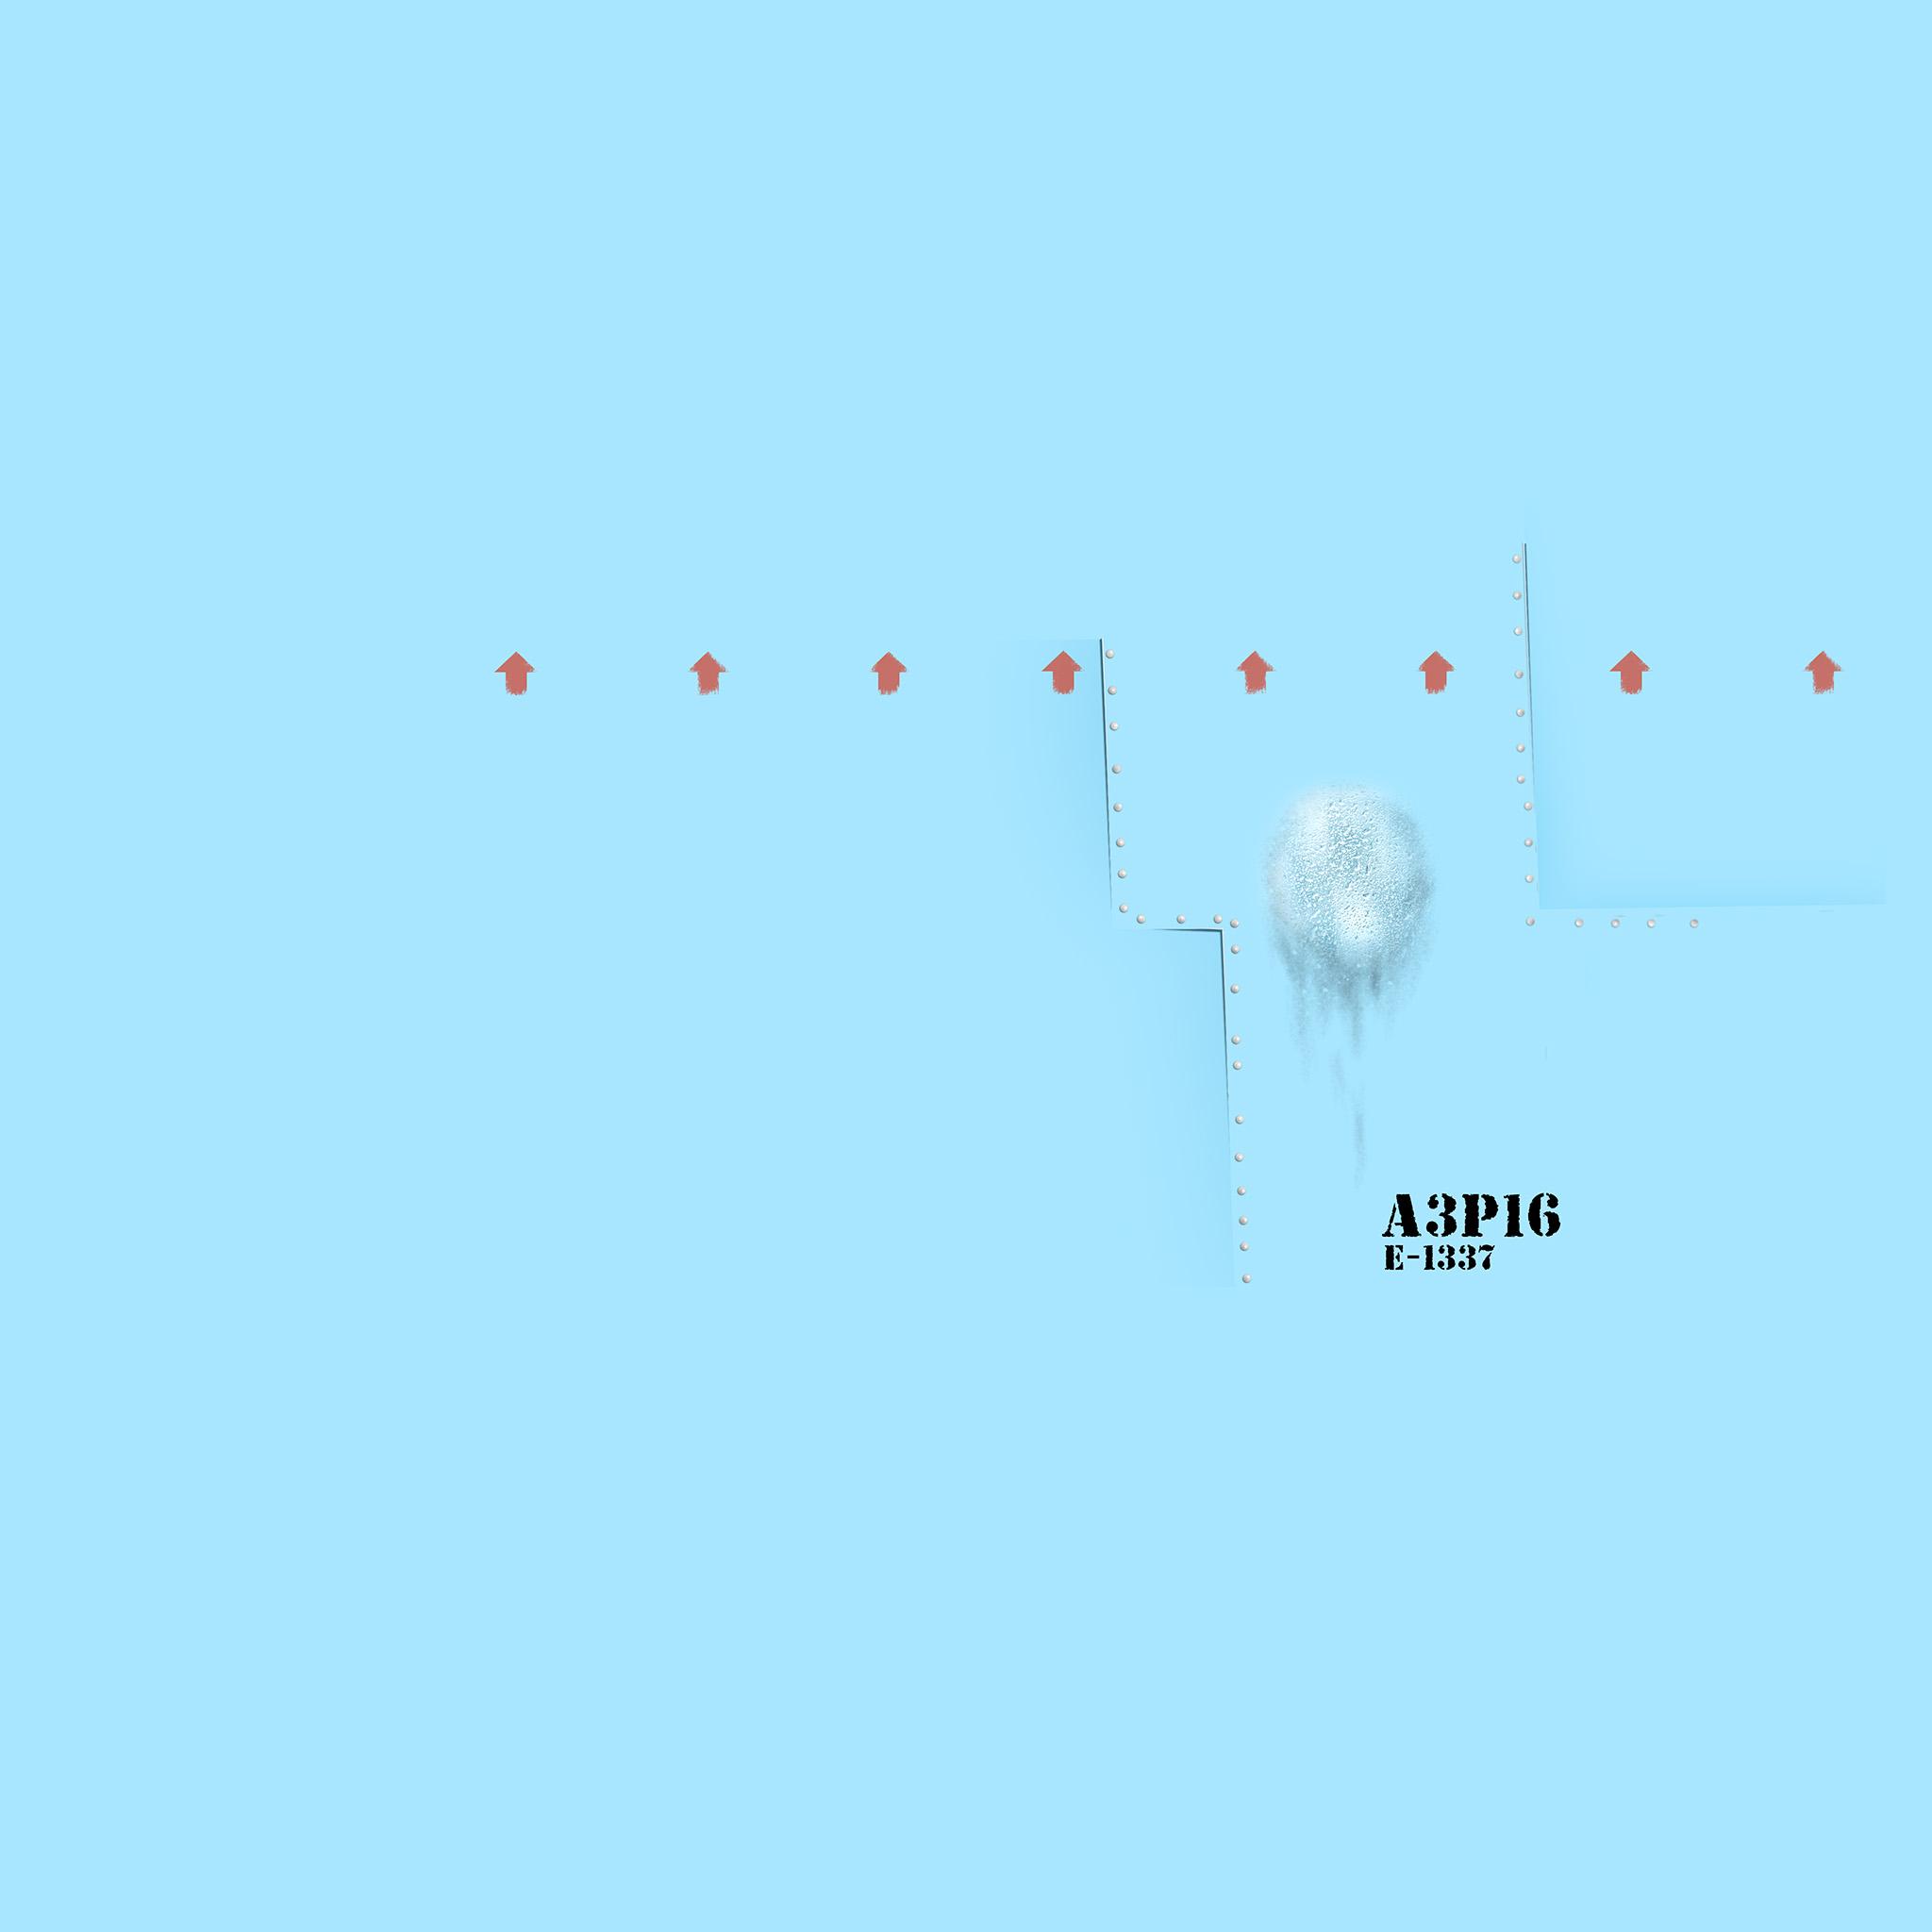 rocket_rumpf_colormap.jpg